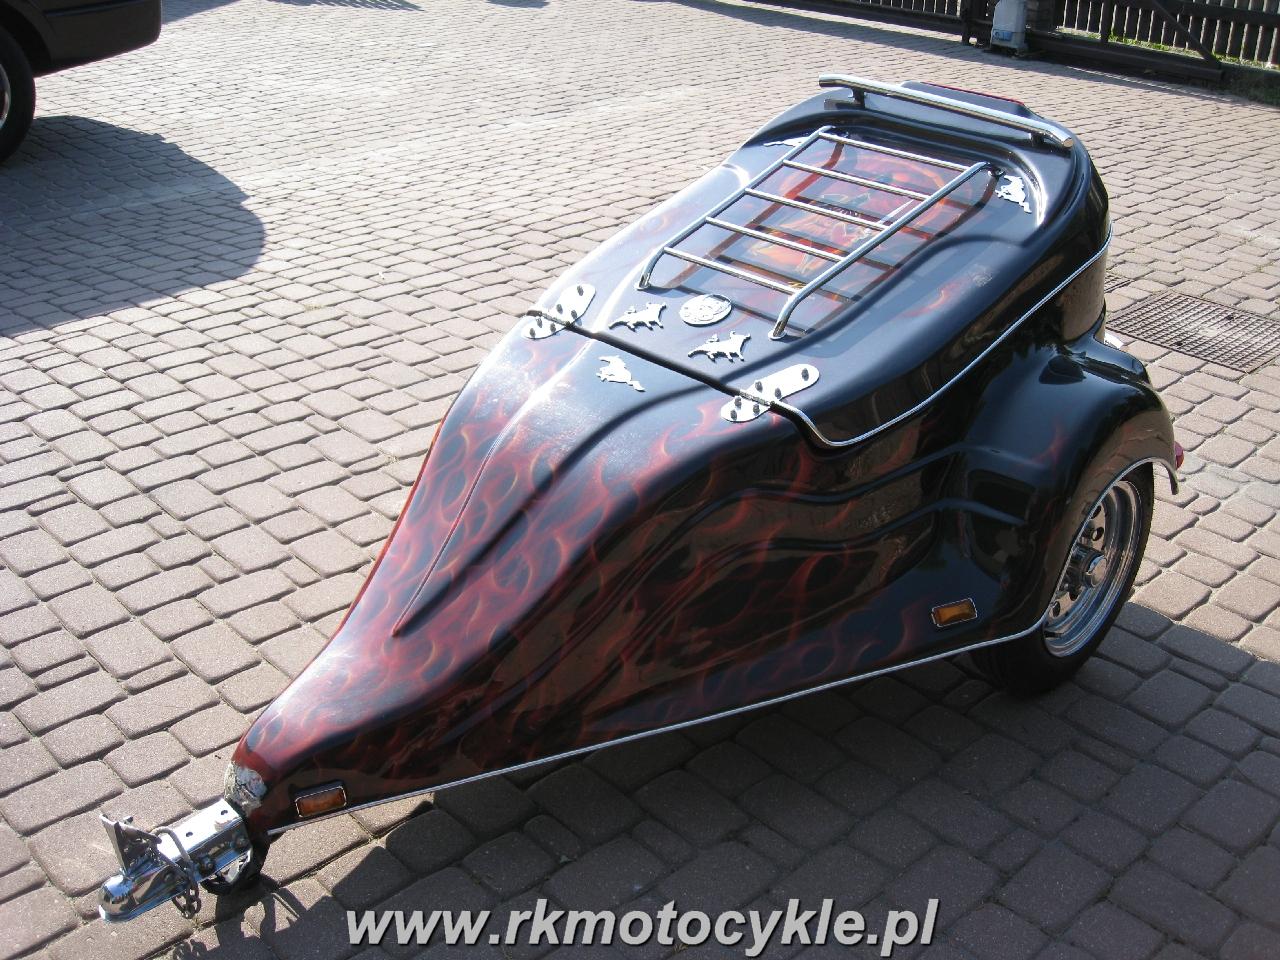 Rk Motocykle Przyczepka Motocyklowa Aero Minis